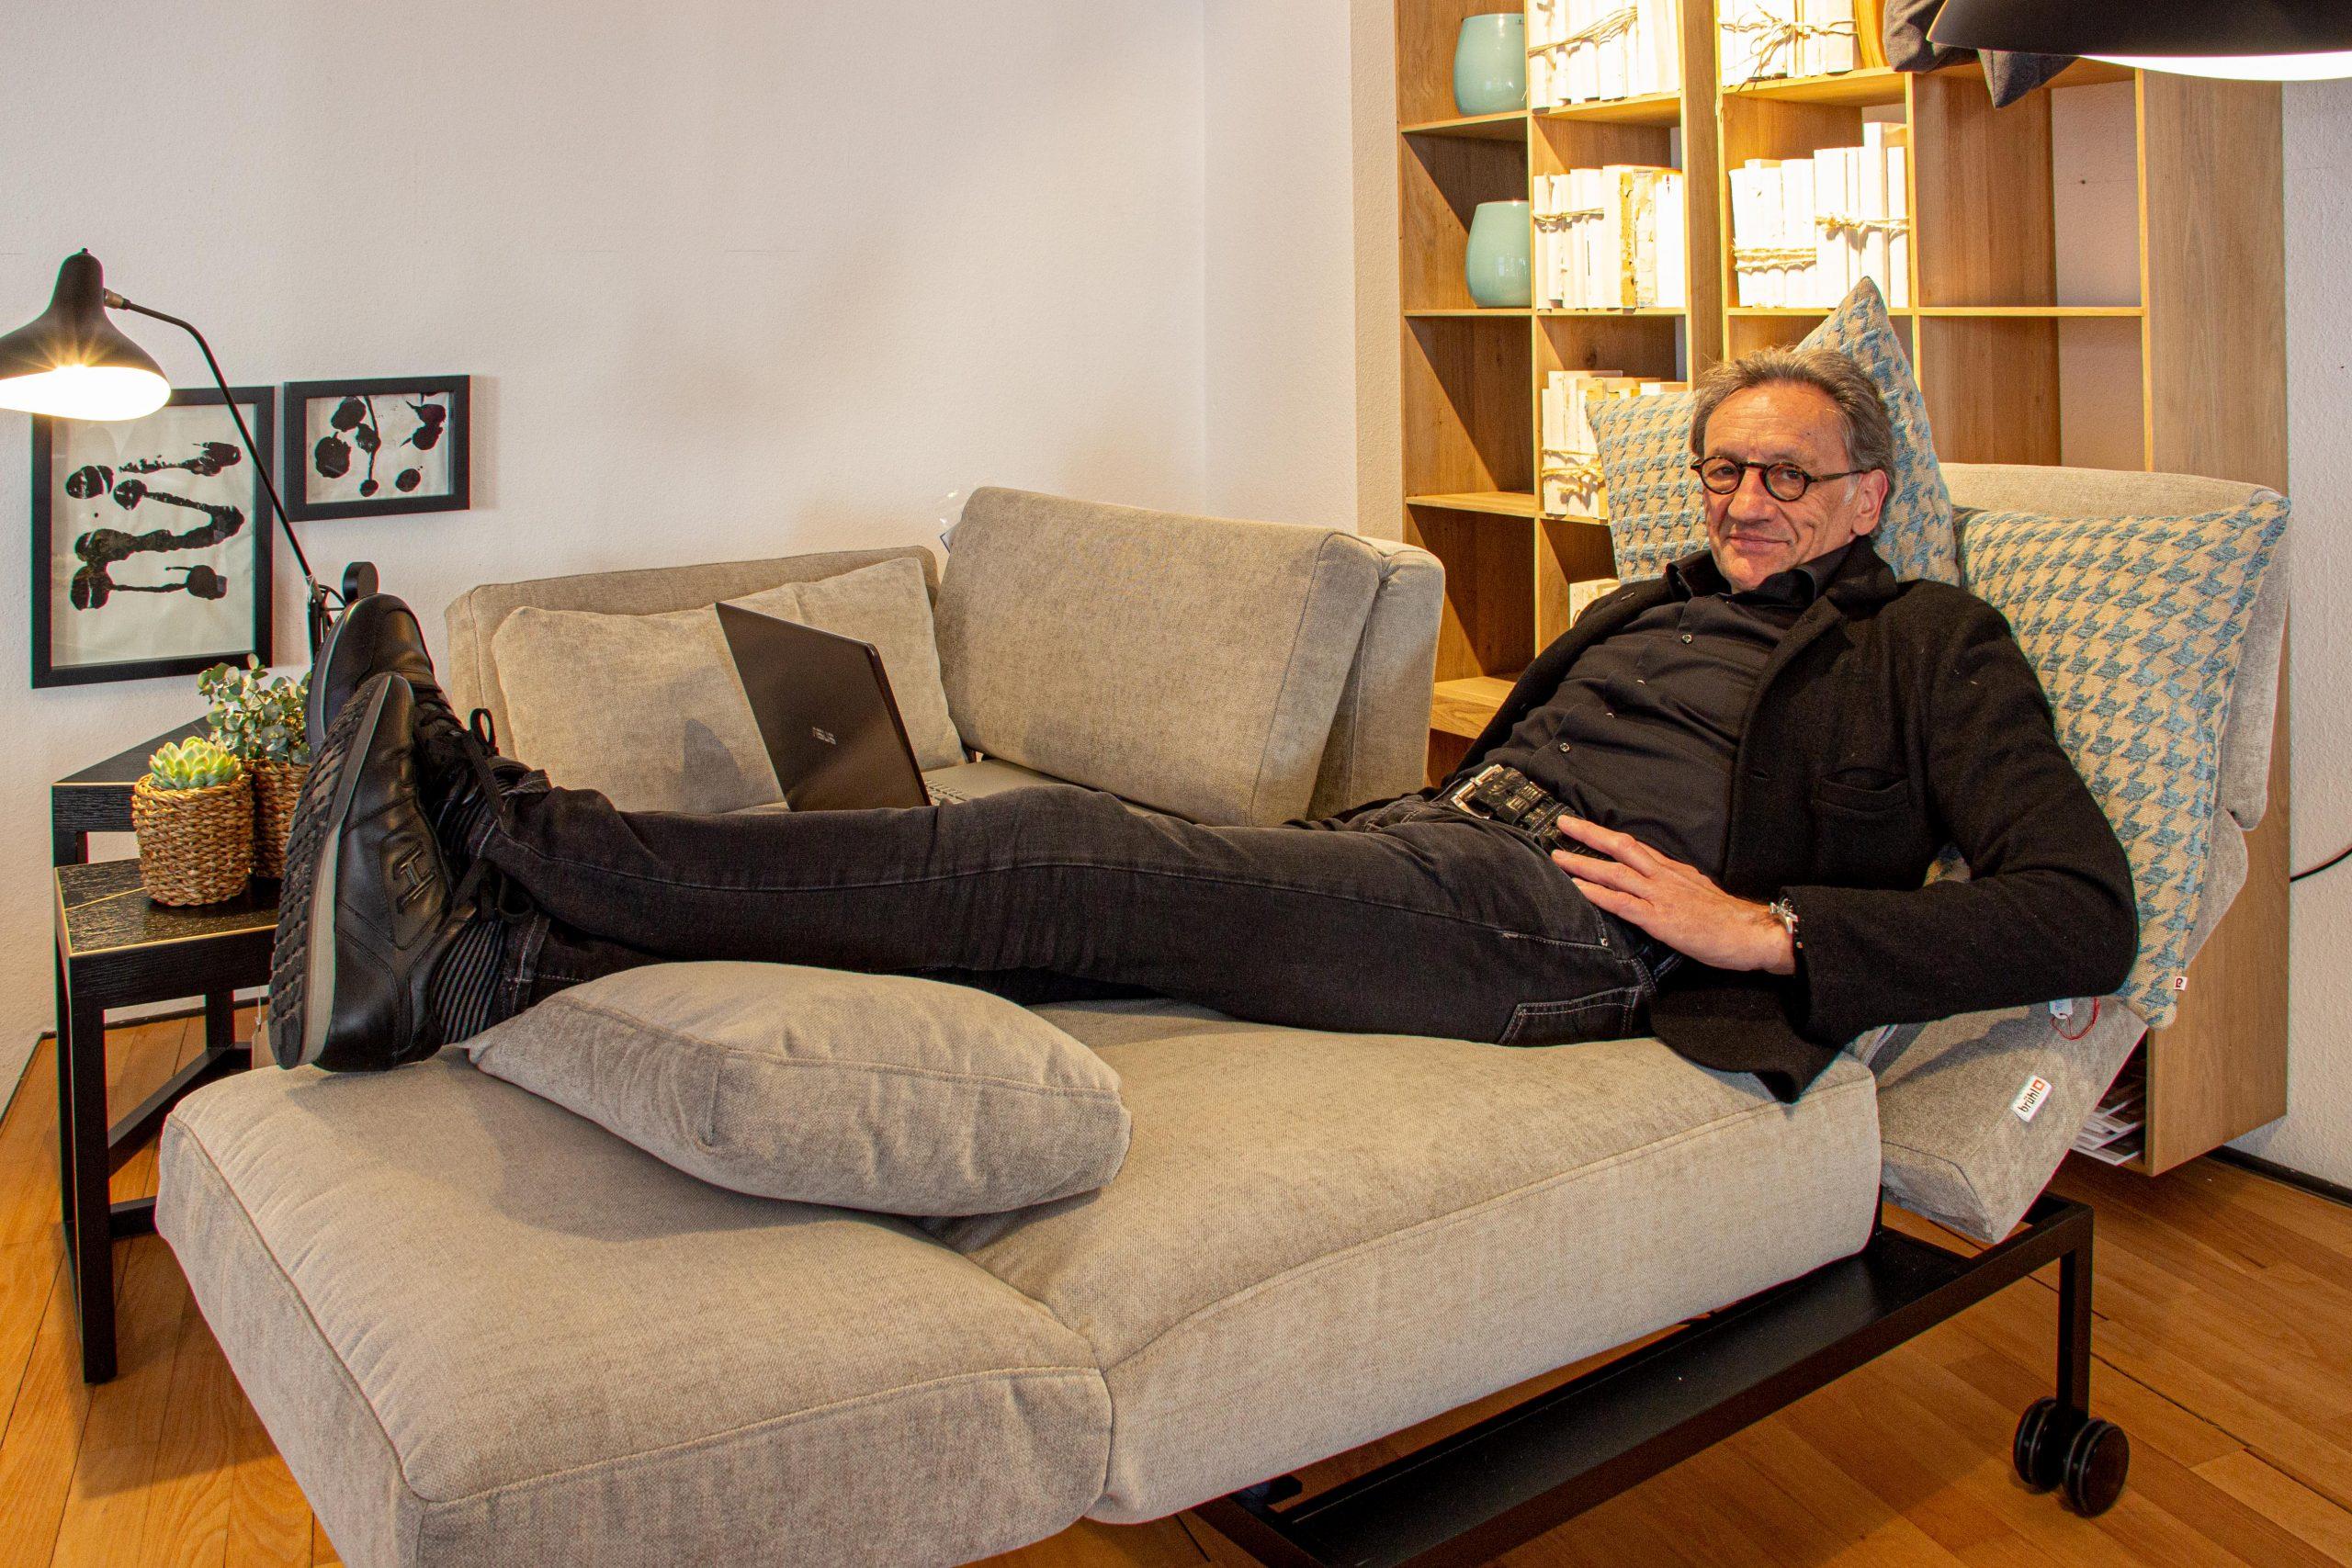 Möbel TAUSCH - einrichten - Sofa roro